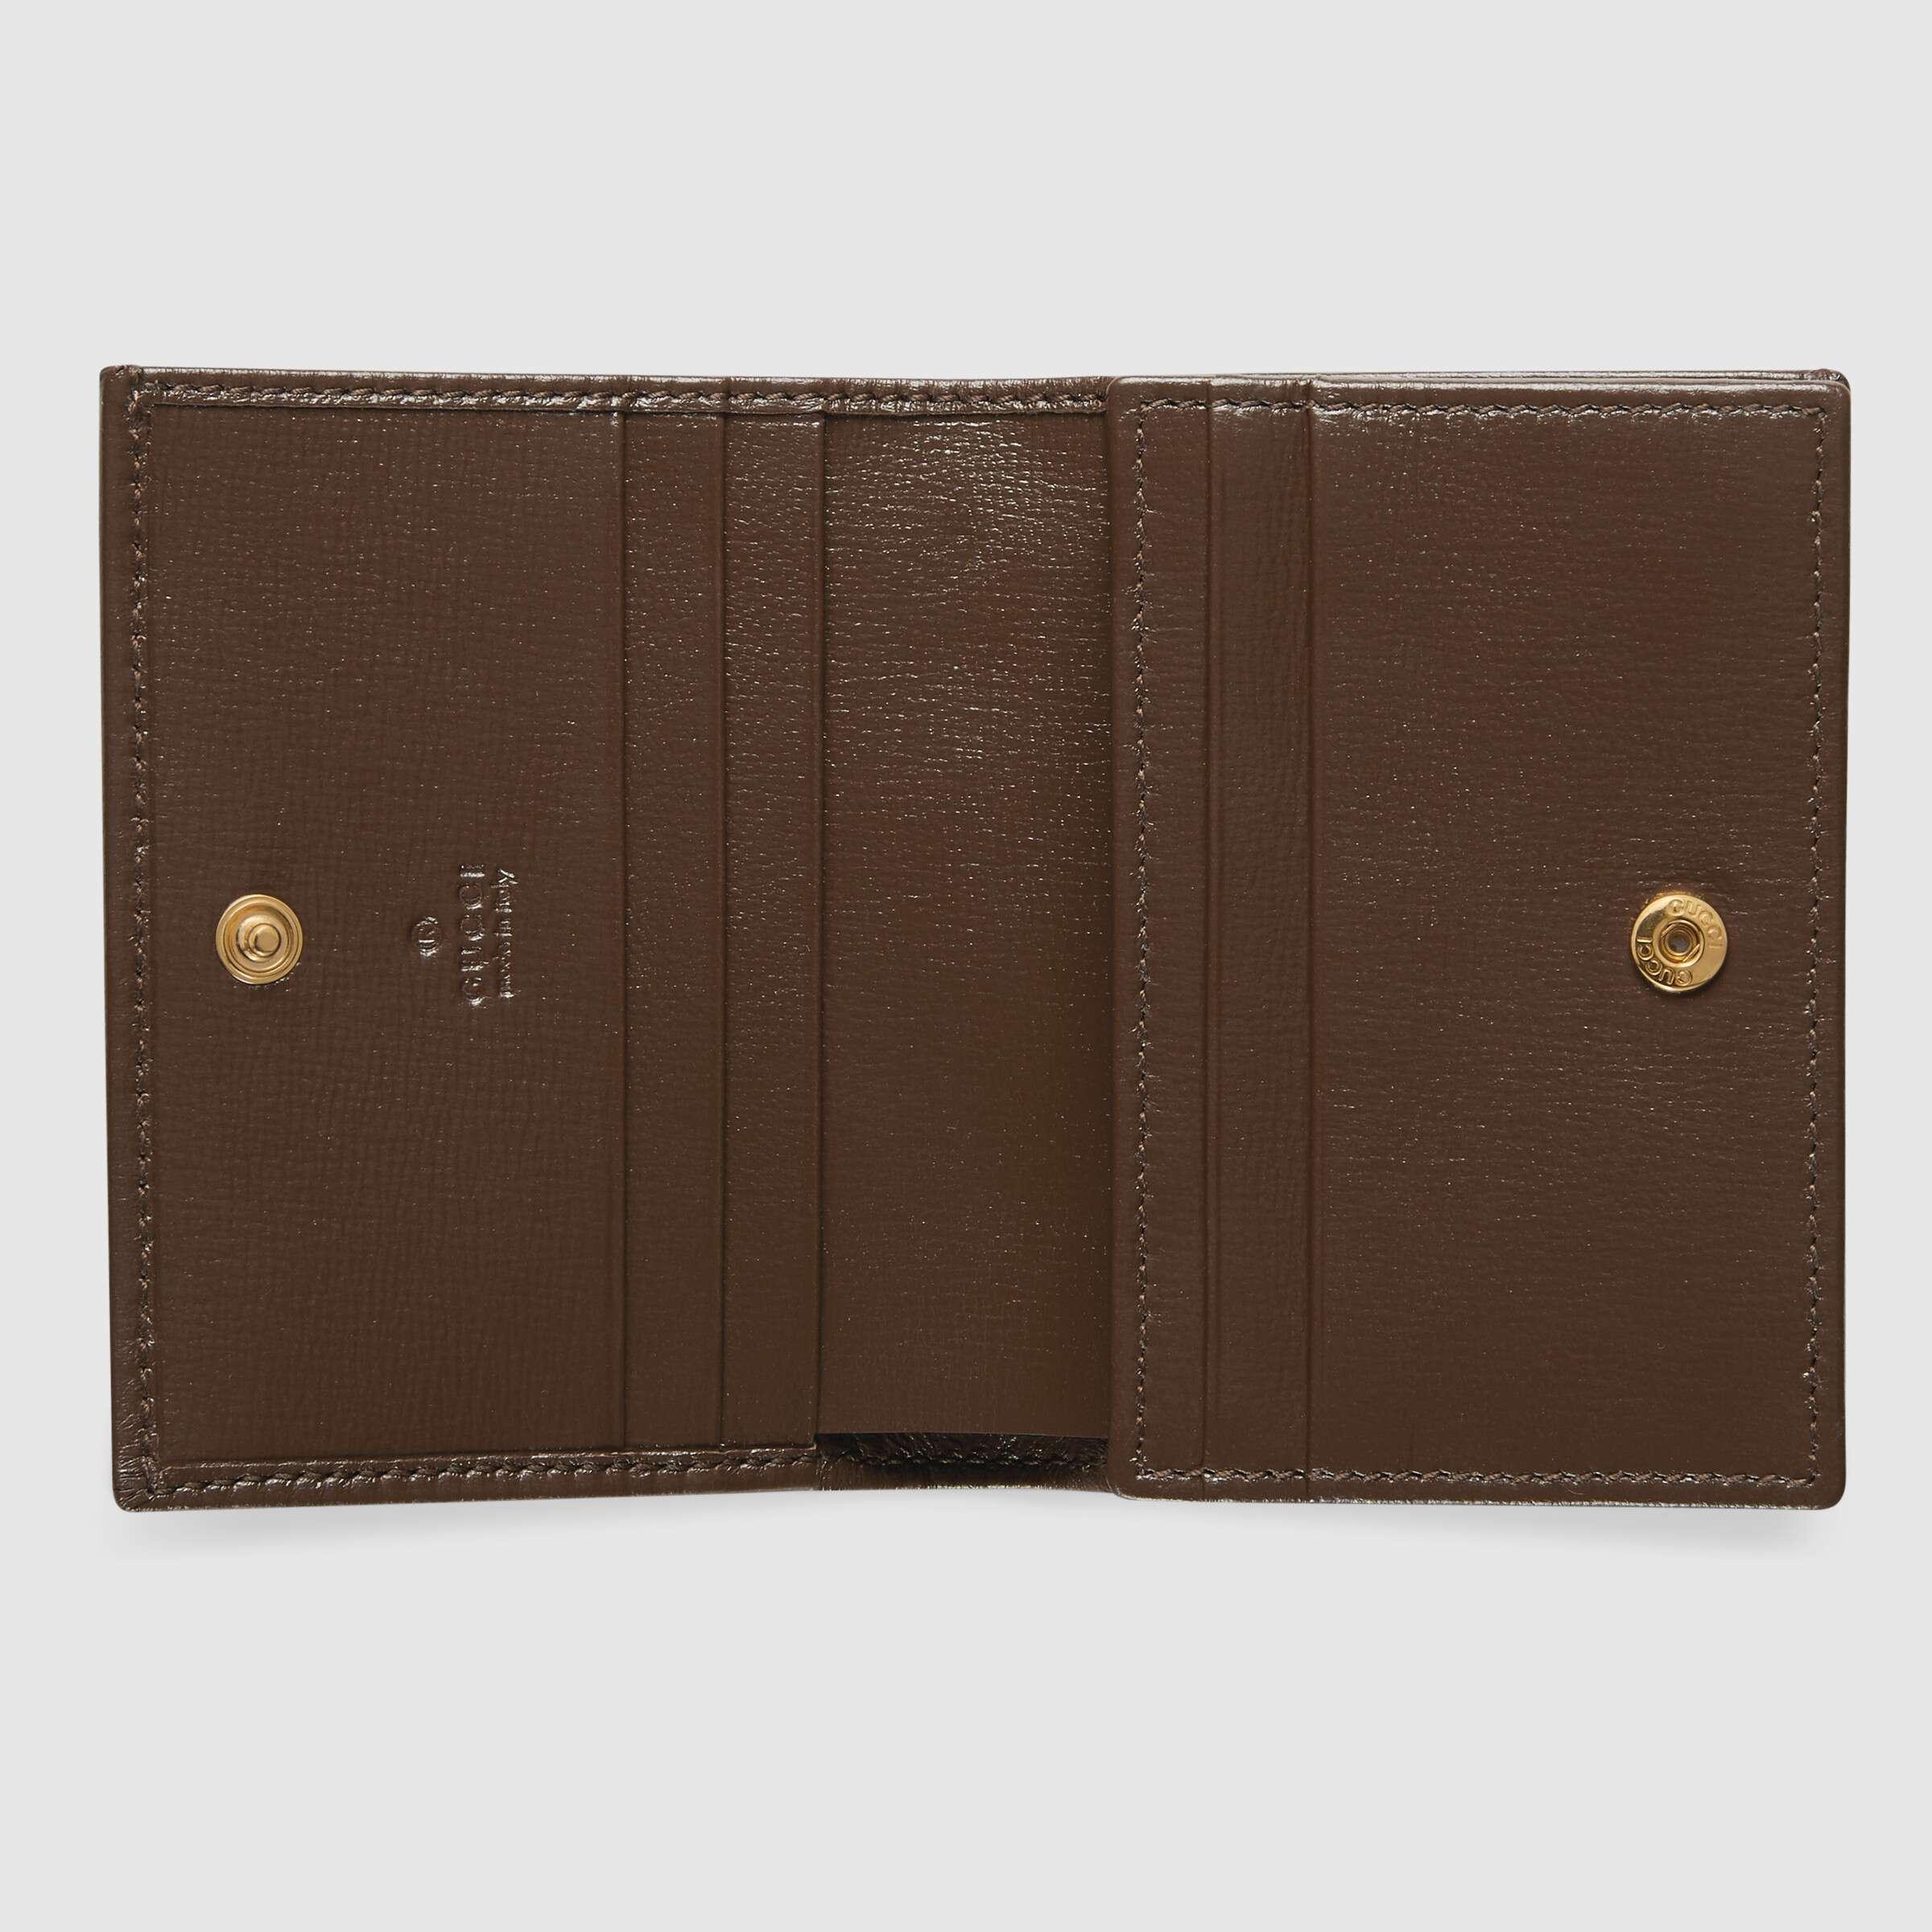 유럽직배송 구찌 카드케이스 GUCCI 1955 Horsebit card case wallet 62188792TCG8563